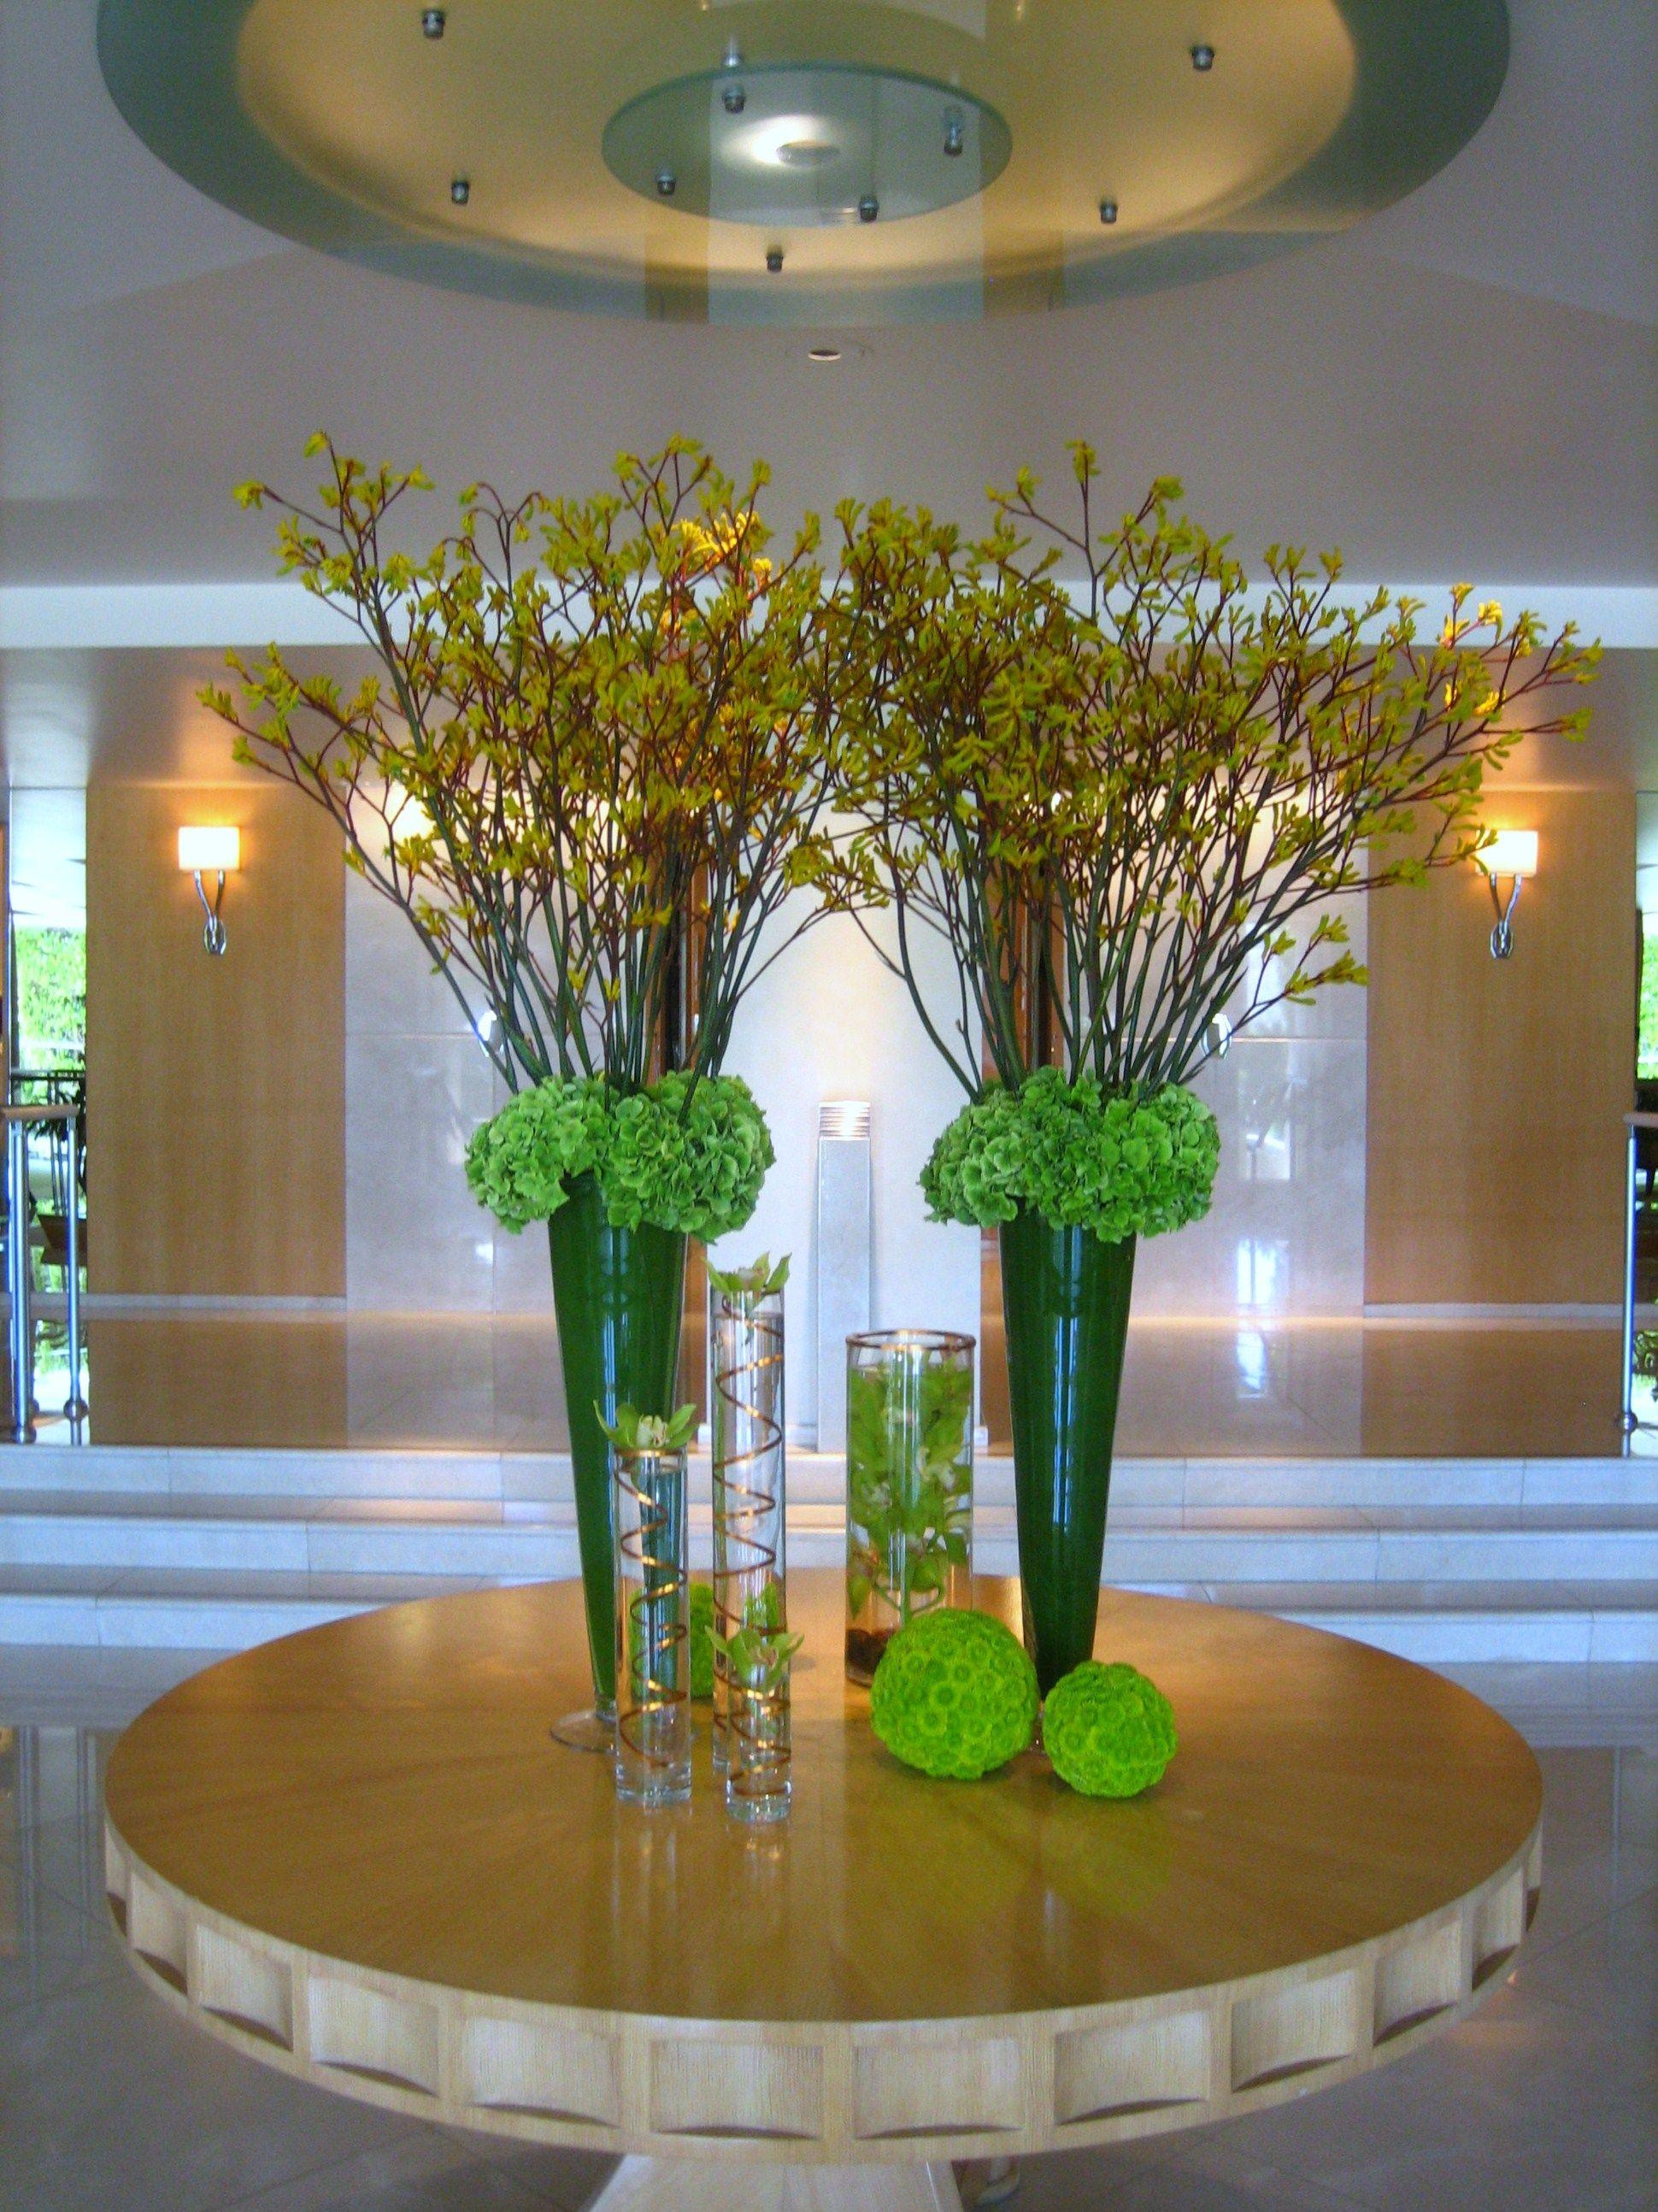 Los angeles florist flower delivery in culver city los